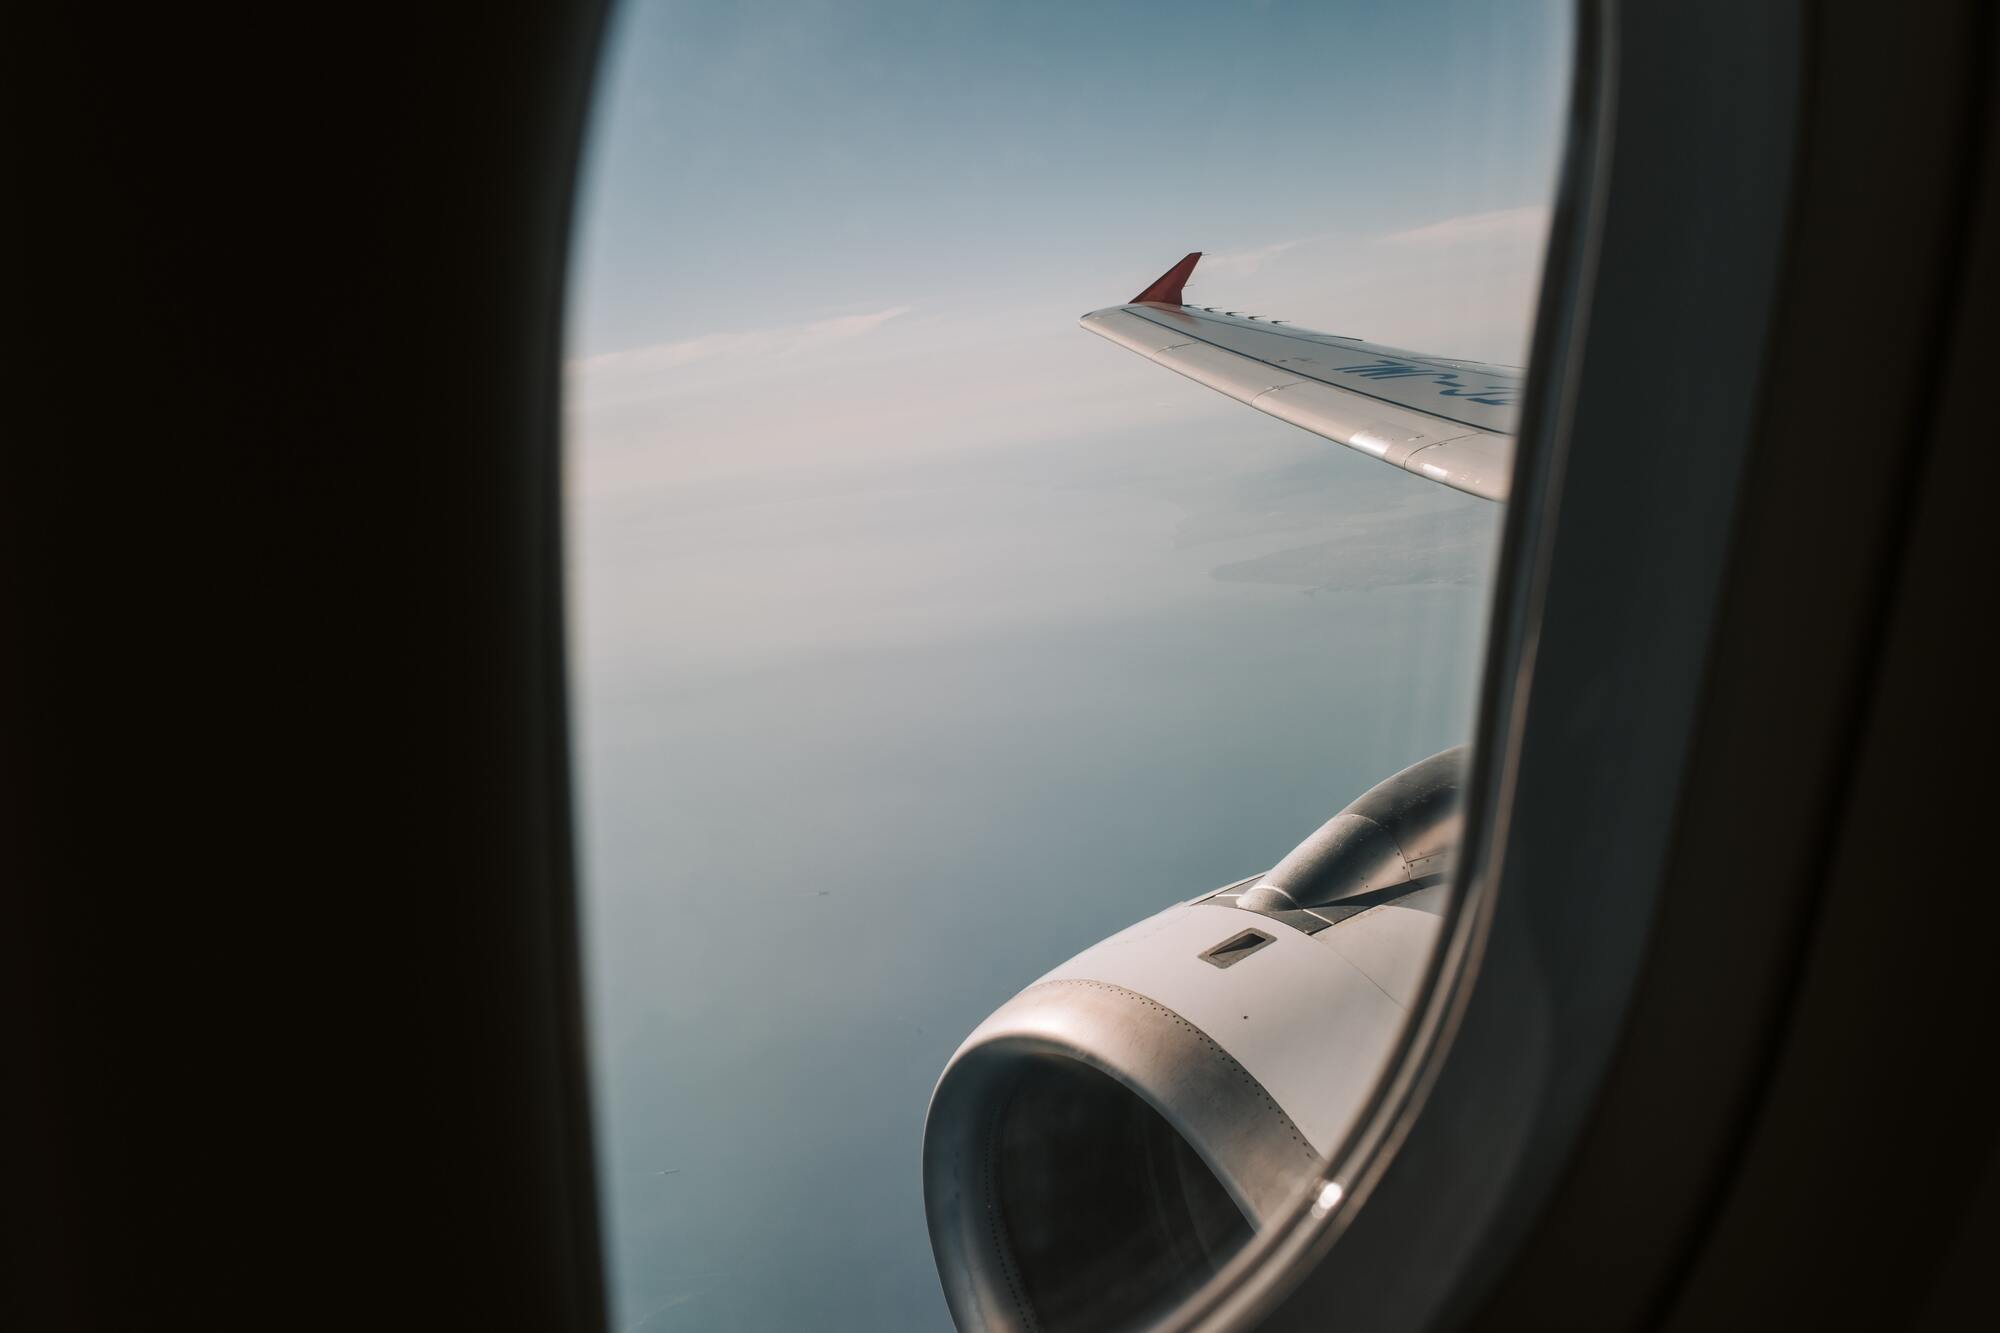 Вагітним на останніх термінах не рекомендується літати на літаках